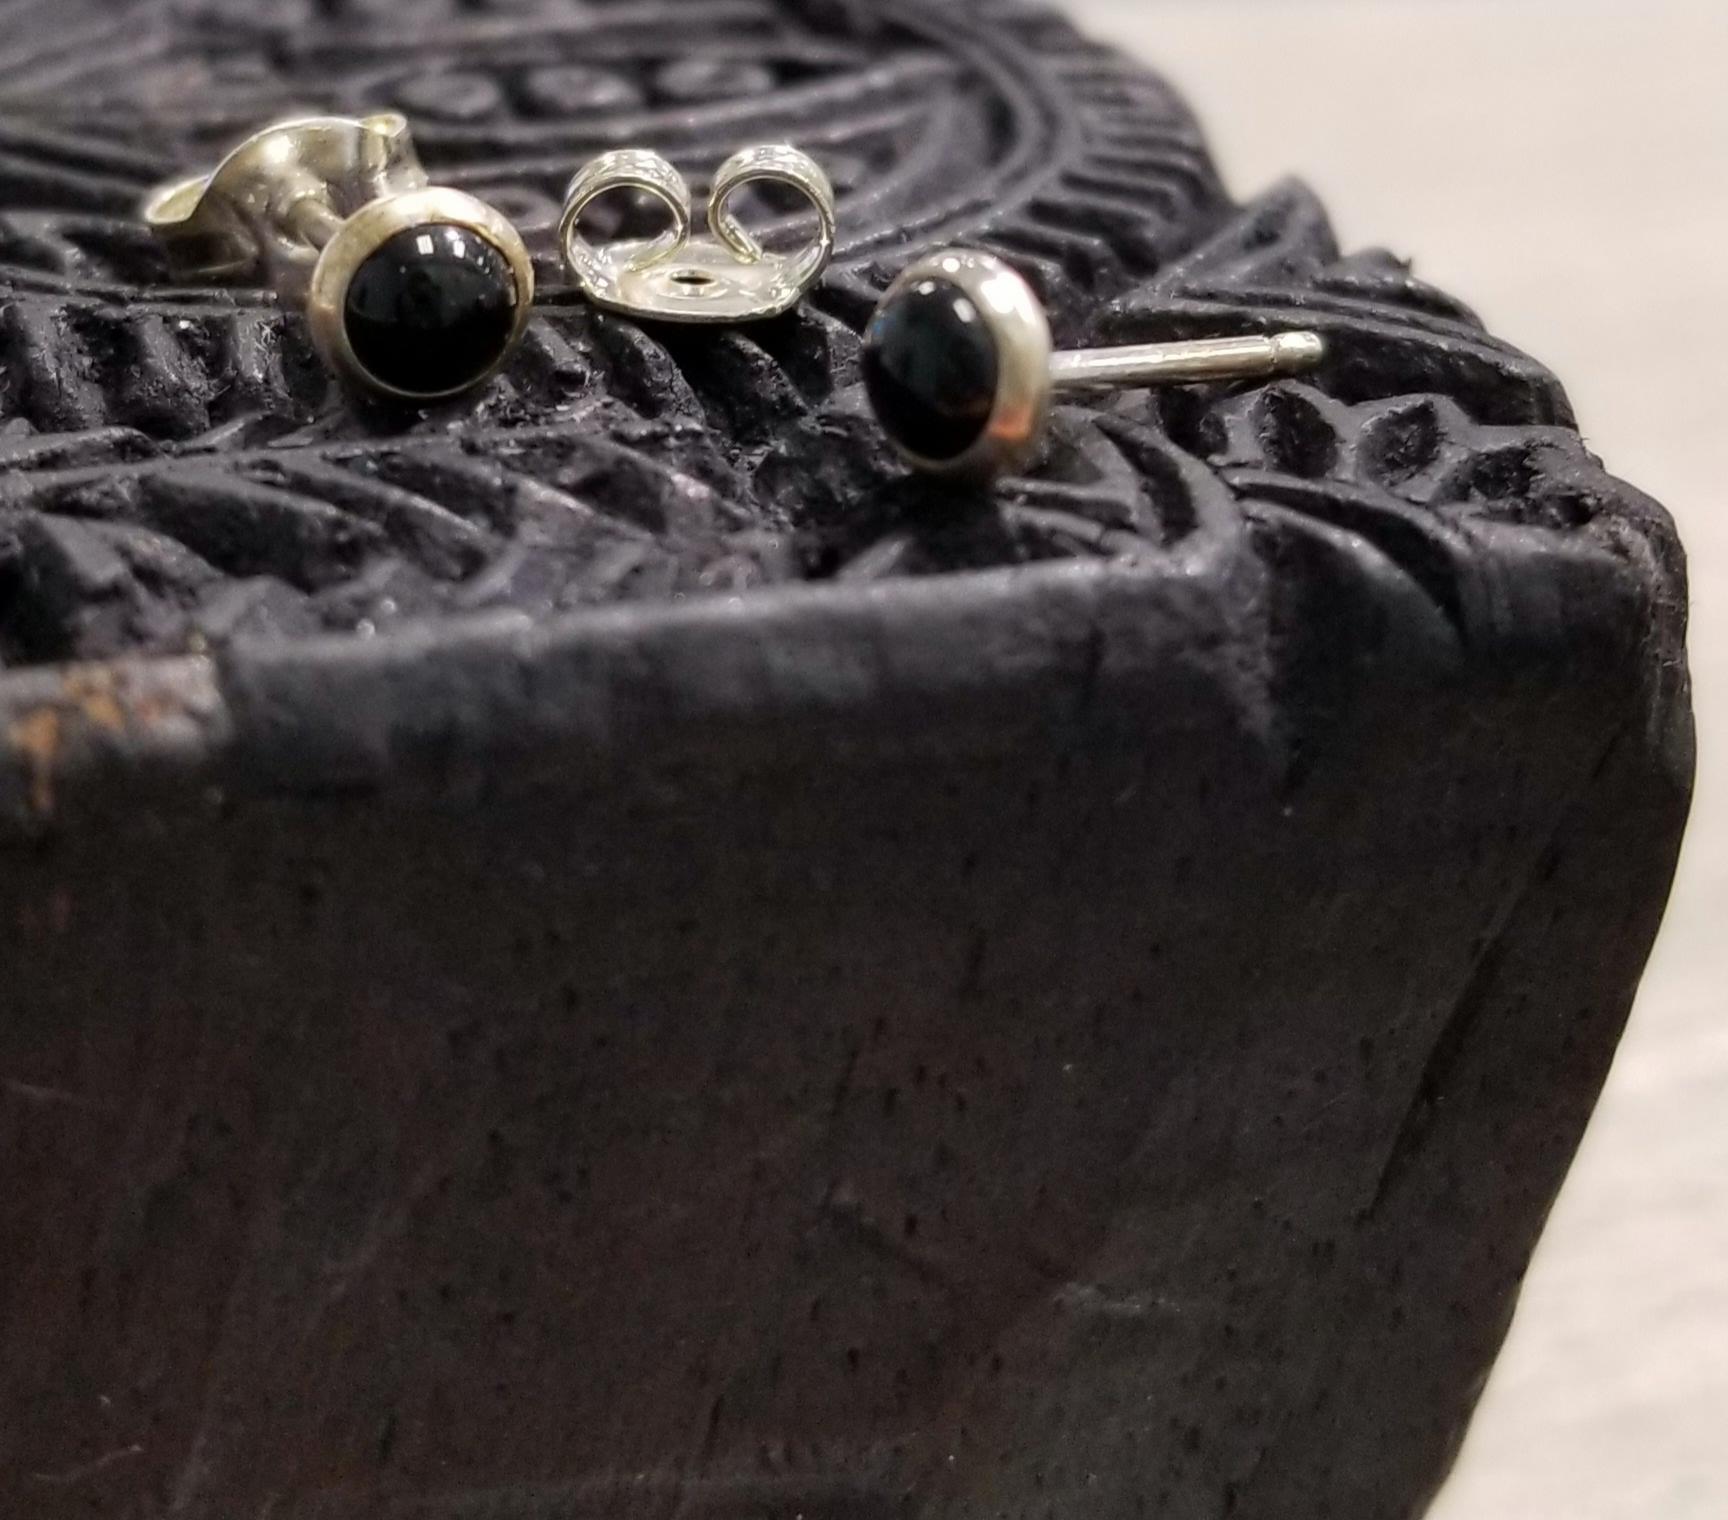 Black enamel and sterling silver stud earrings